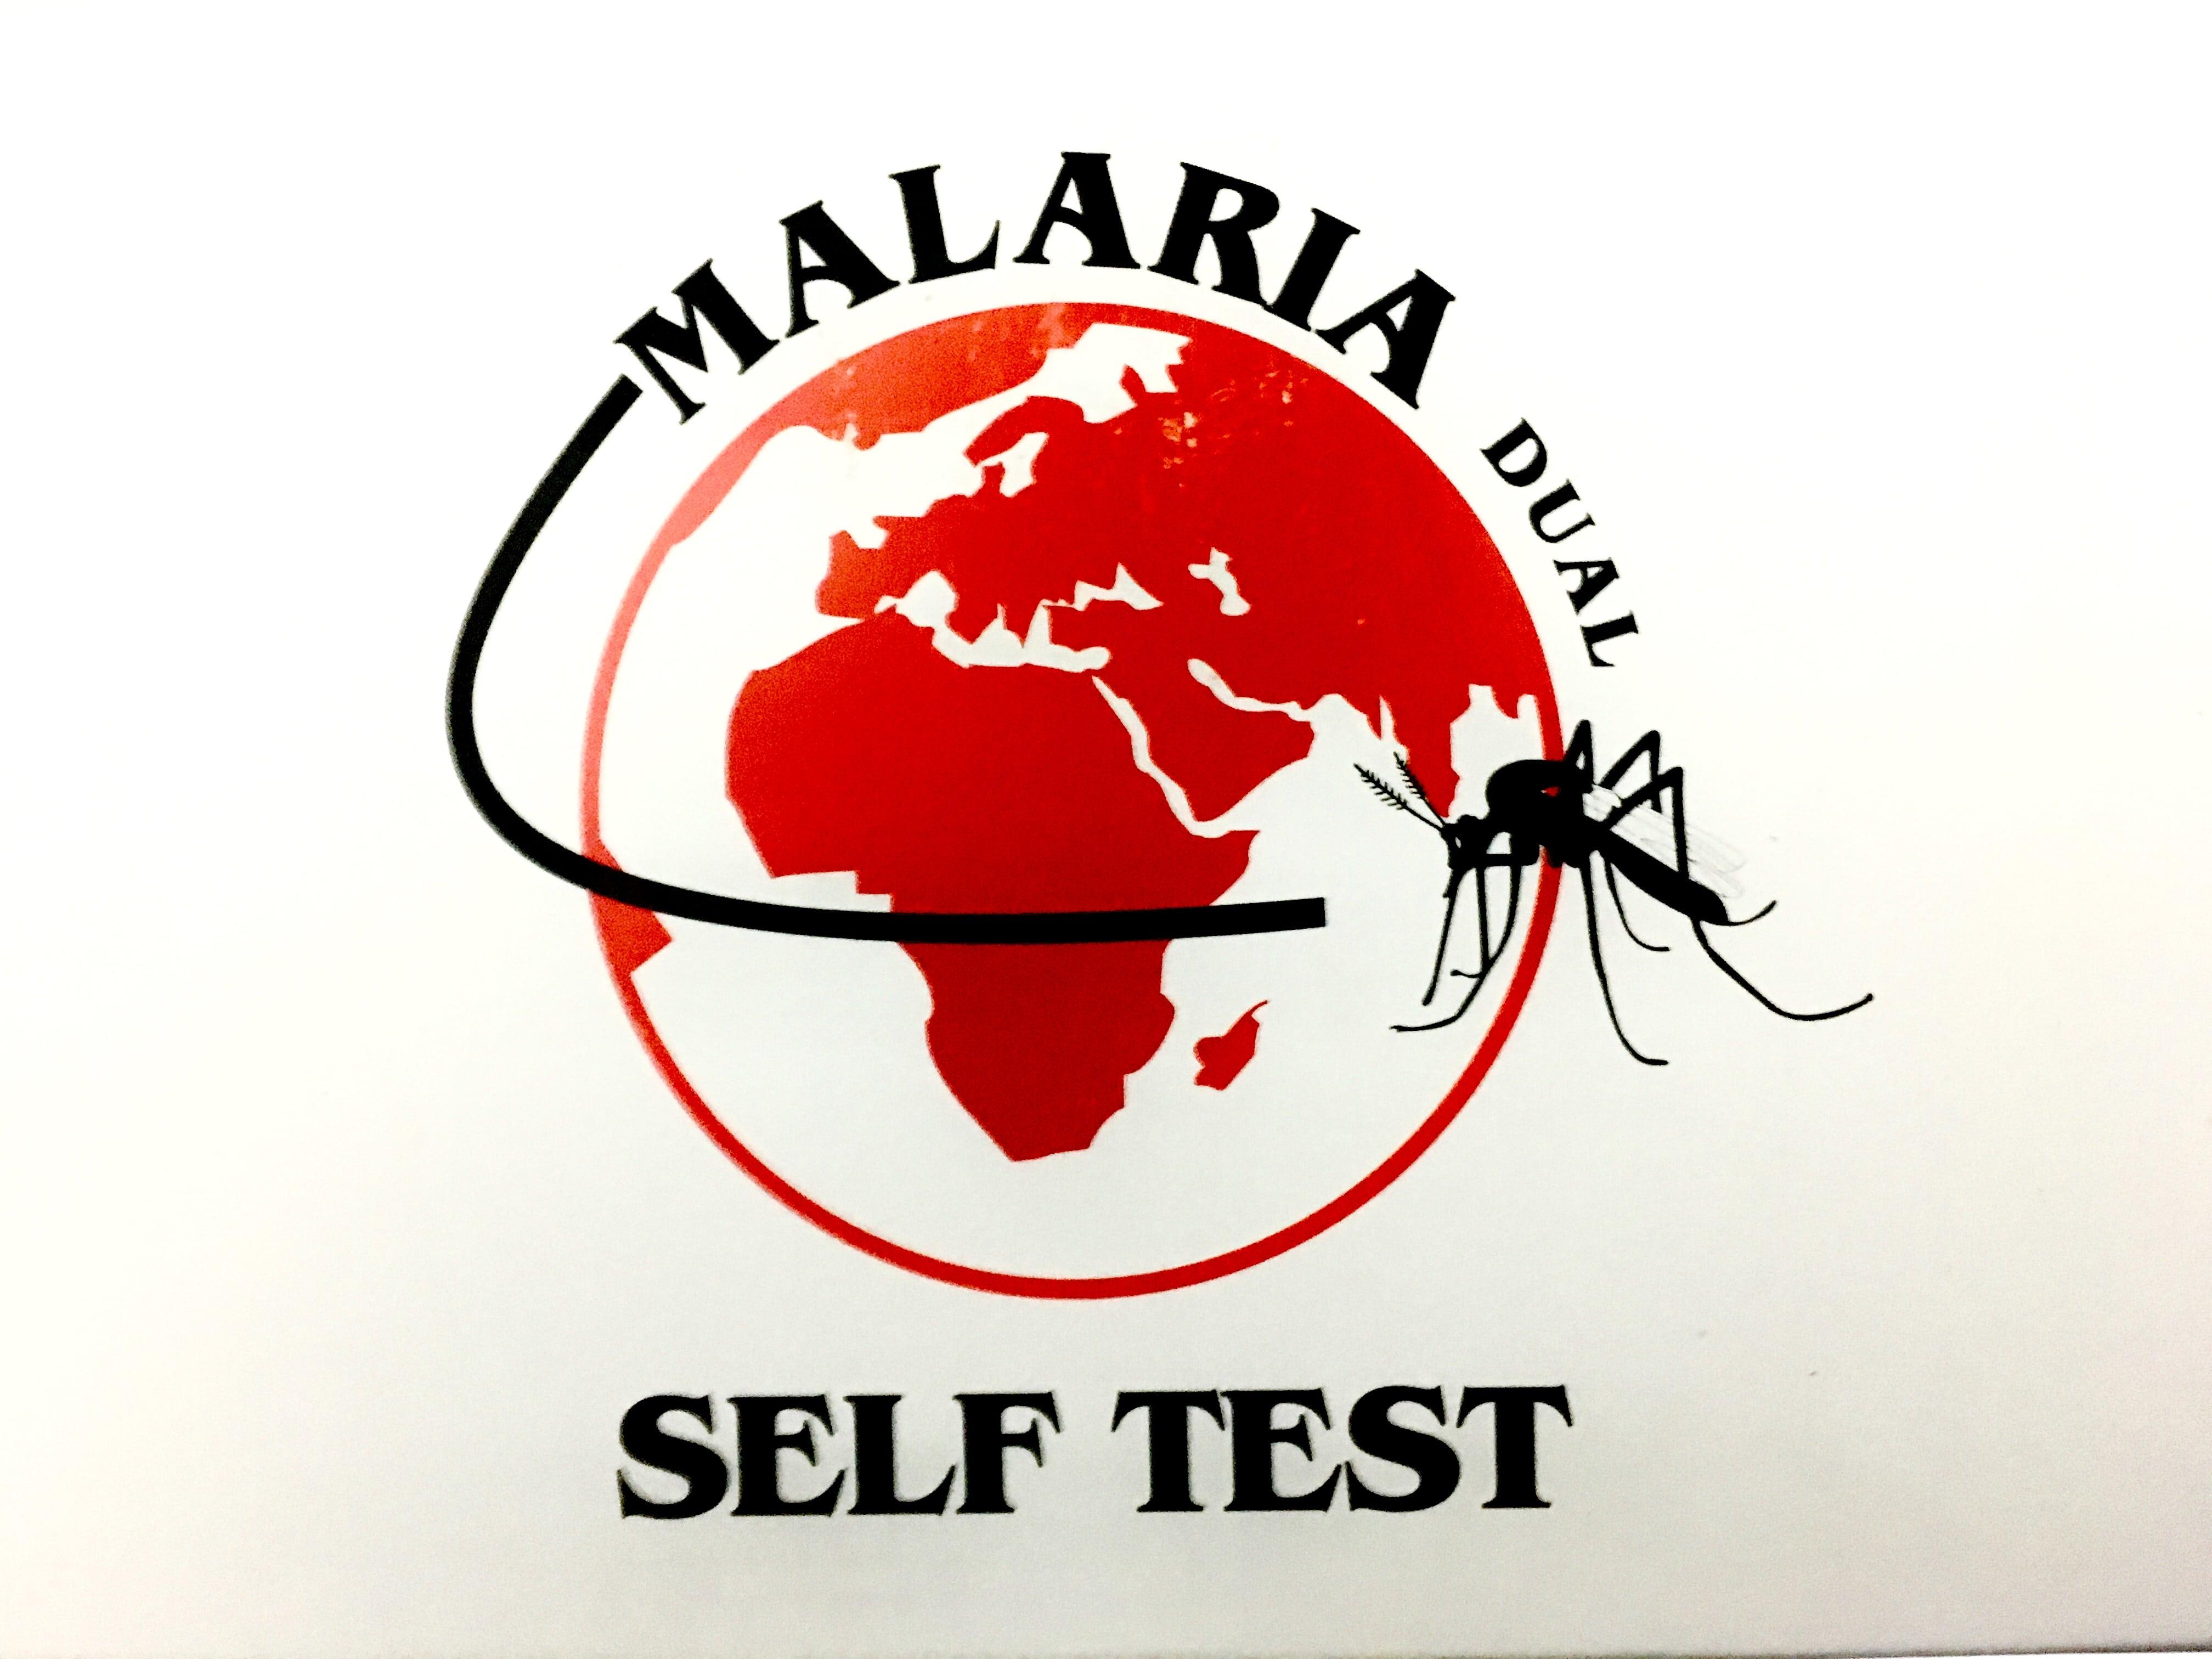 アフリカ渡航の際は必ず知っておきたい「マラリア」の予防と治療法